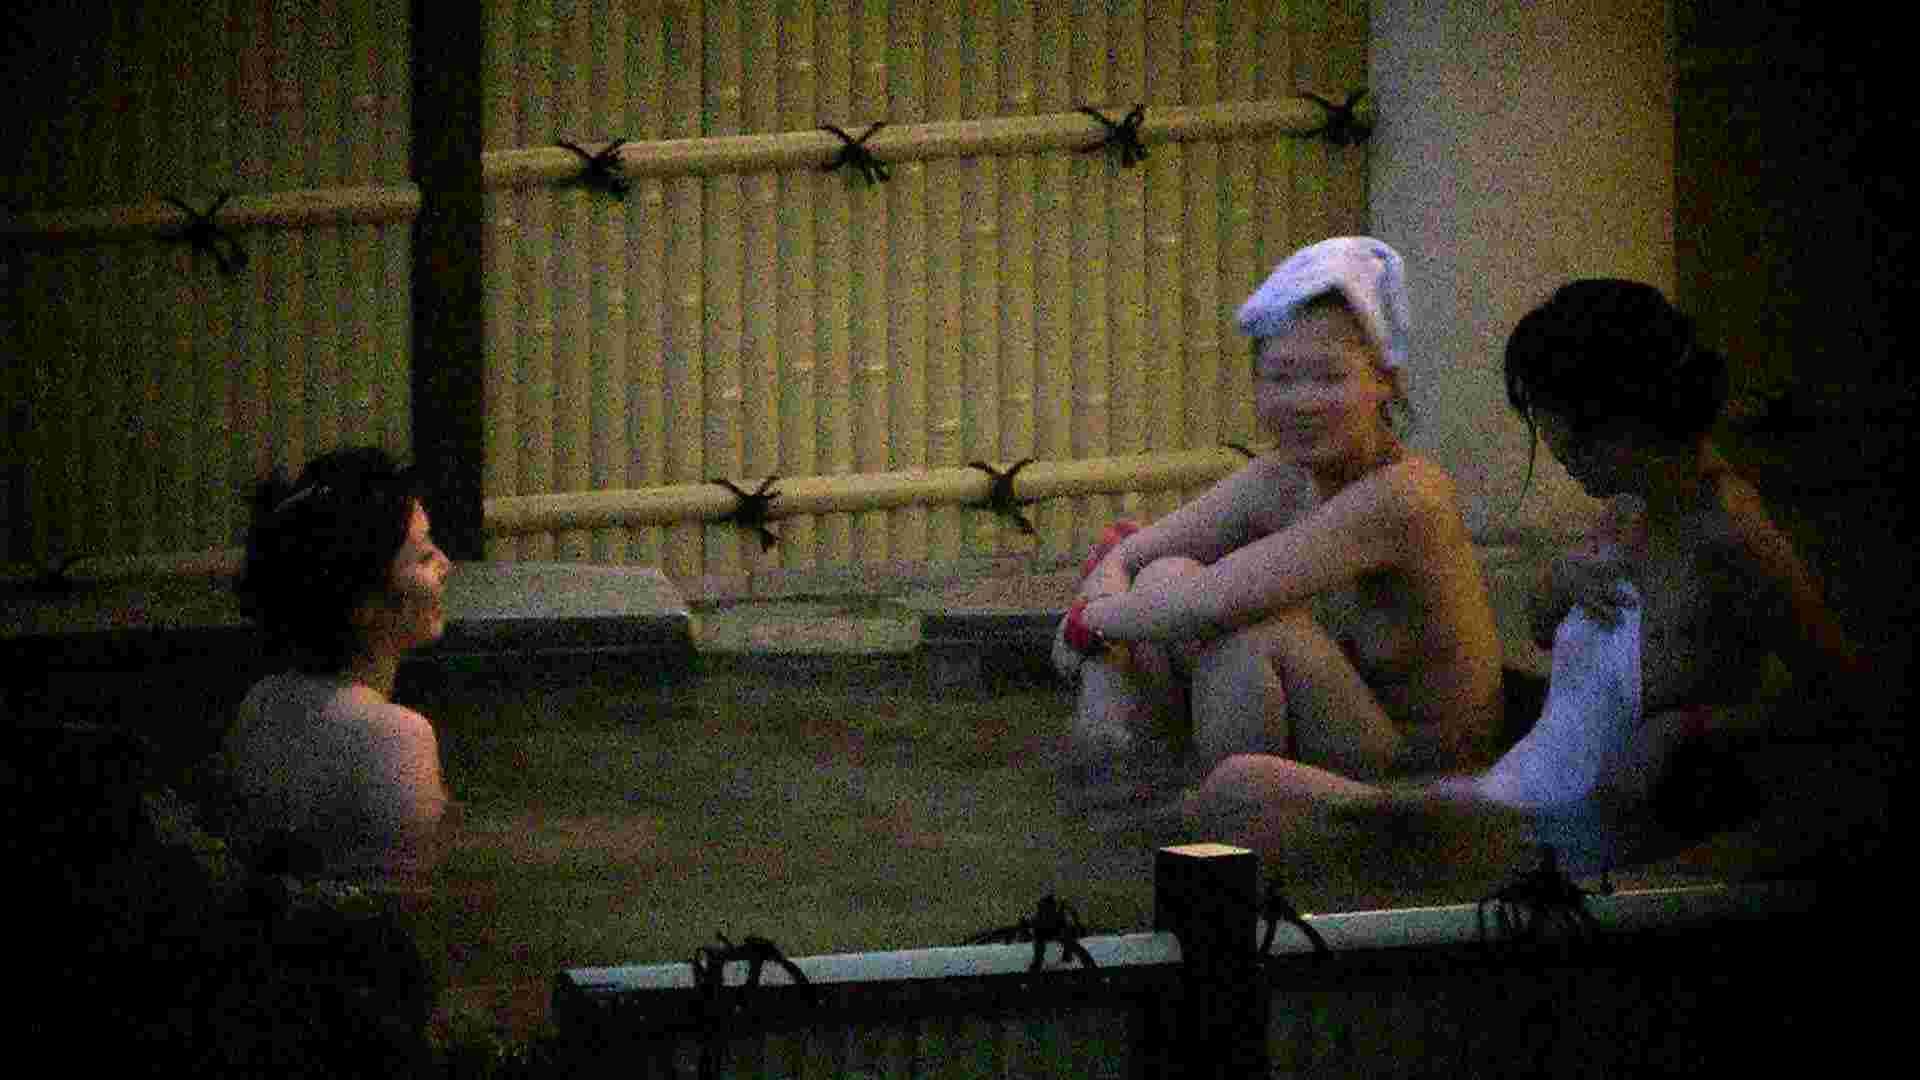 Aquaな露天風呂Vol.120 露天 エロ画像 95画像 83